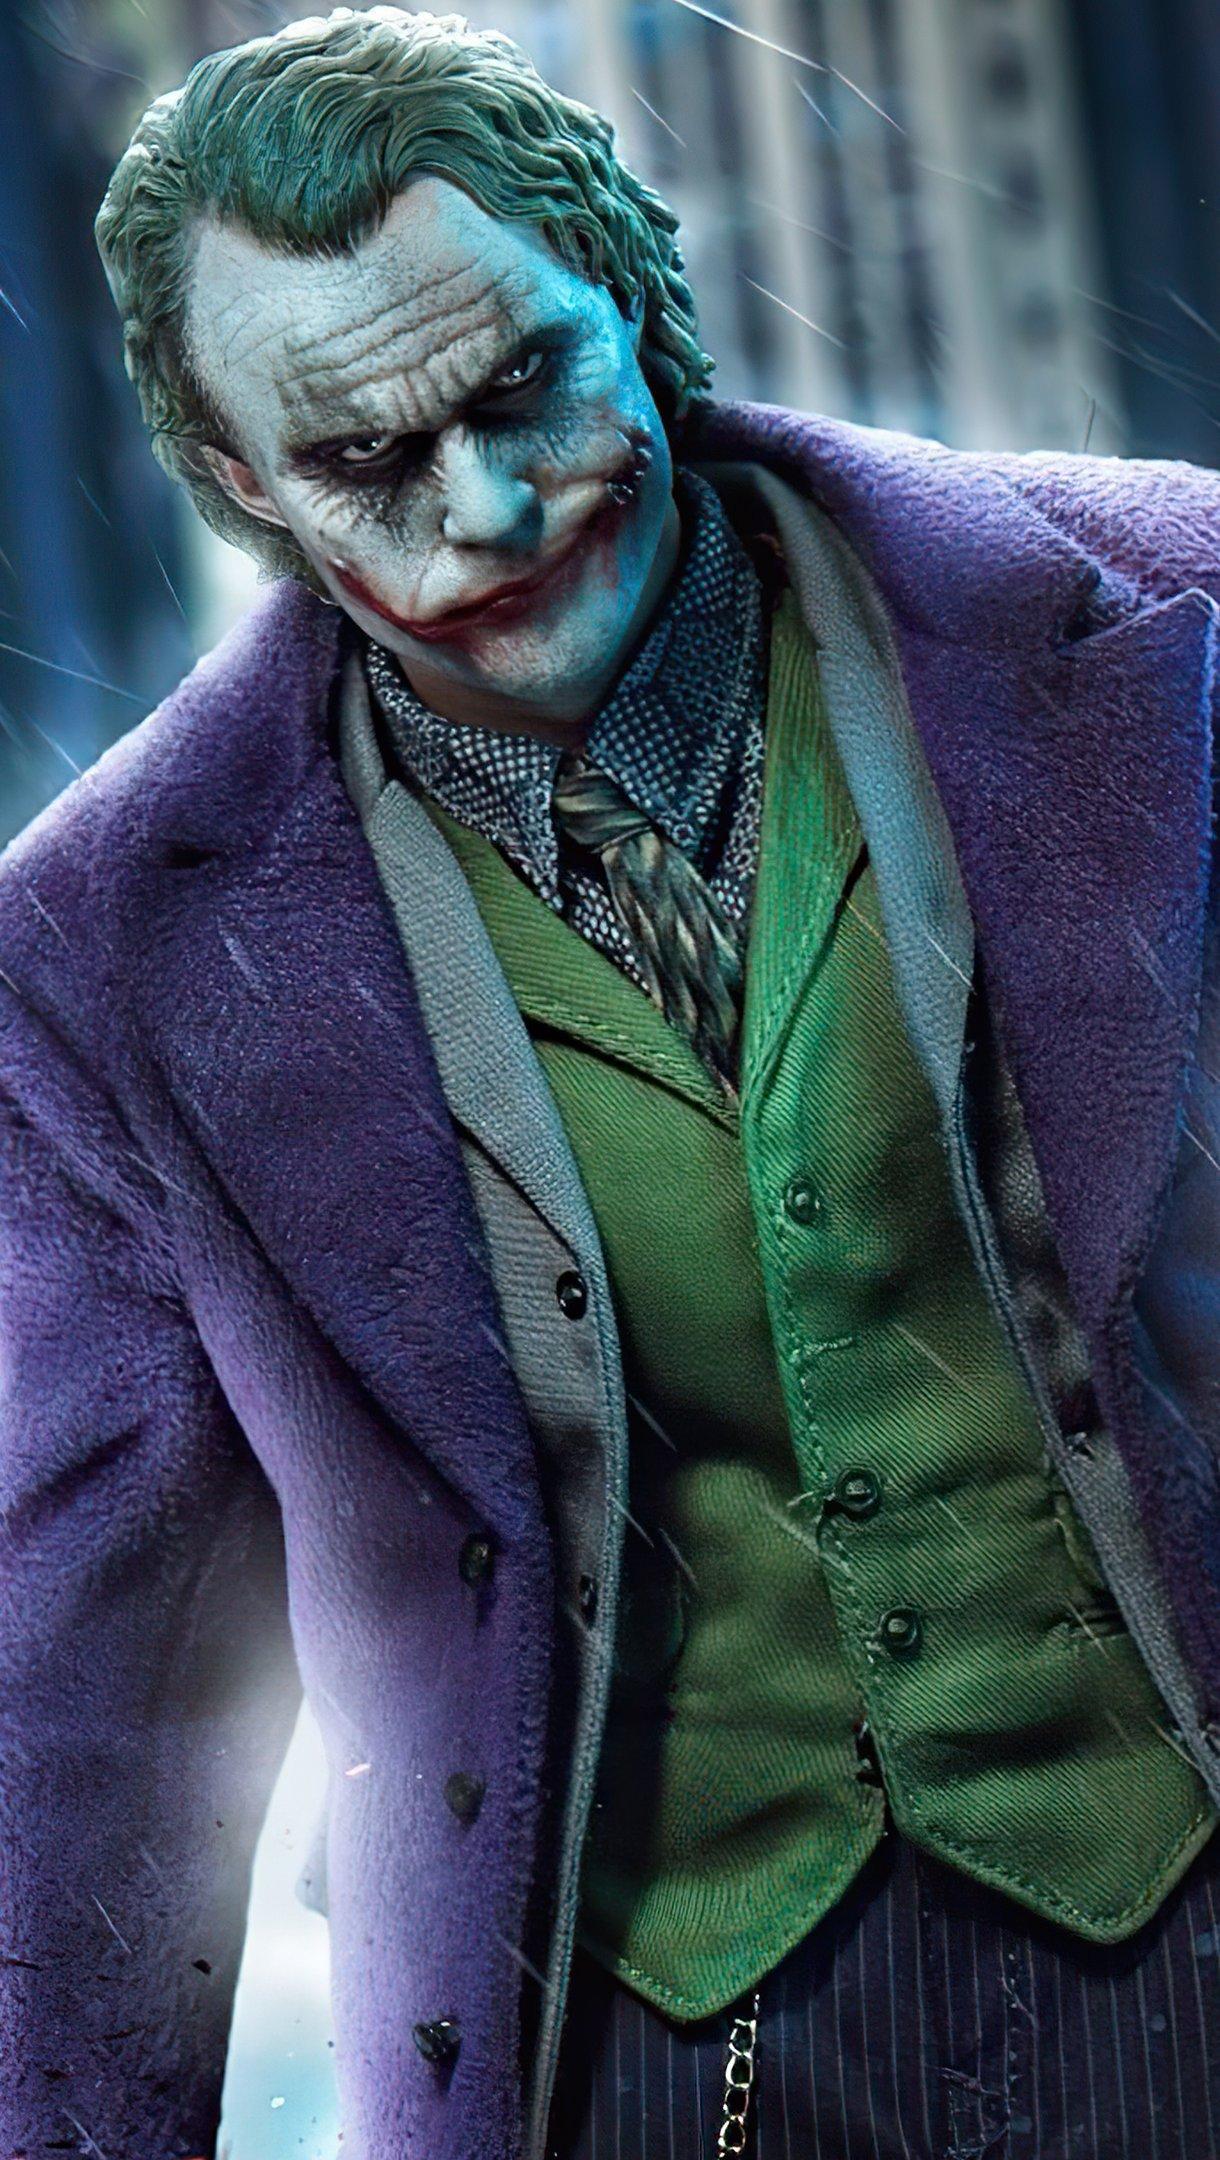 Wallpaper Joker Poster Vertical